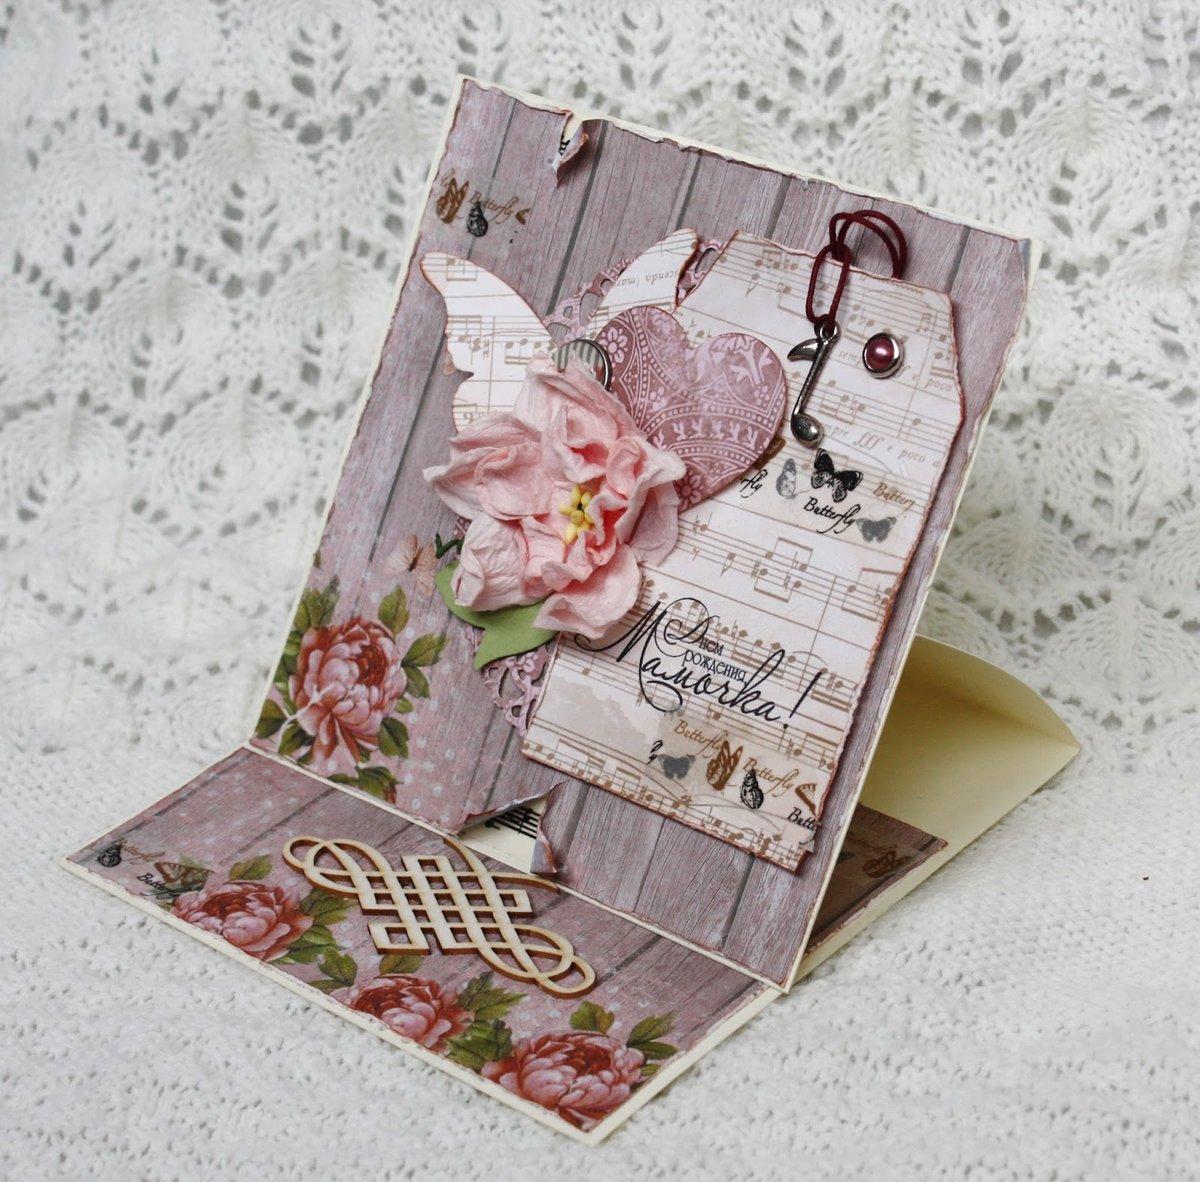 Скрапбукинг своими руками открытка на день рождения маме, открытку